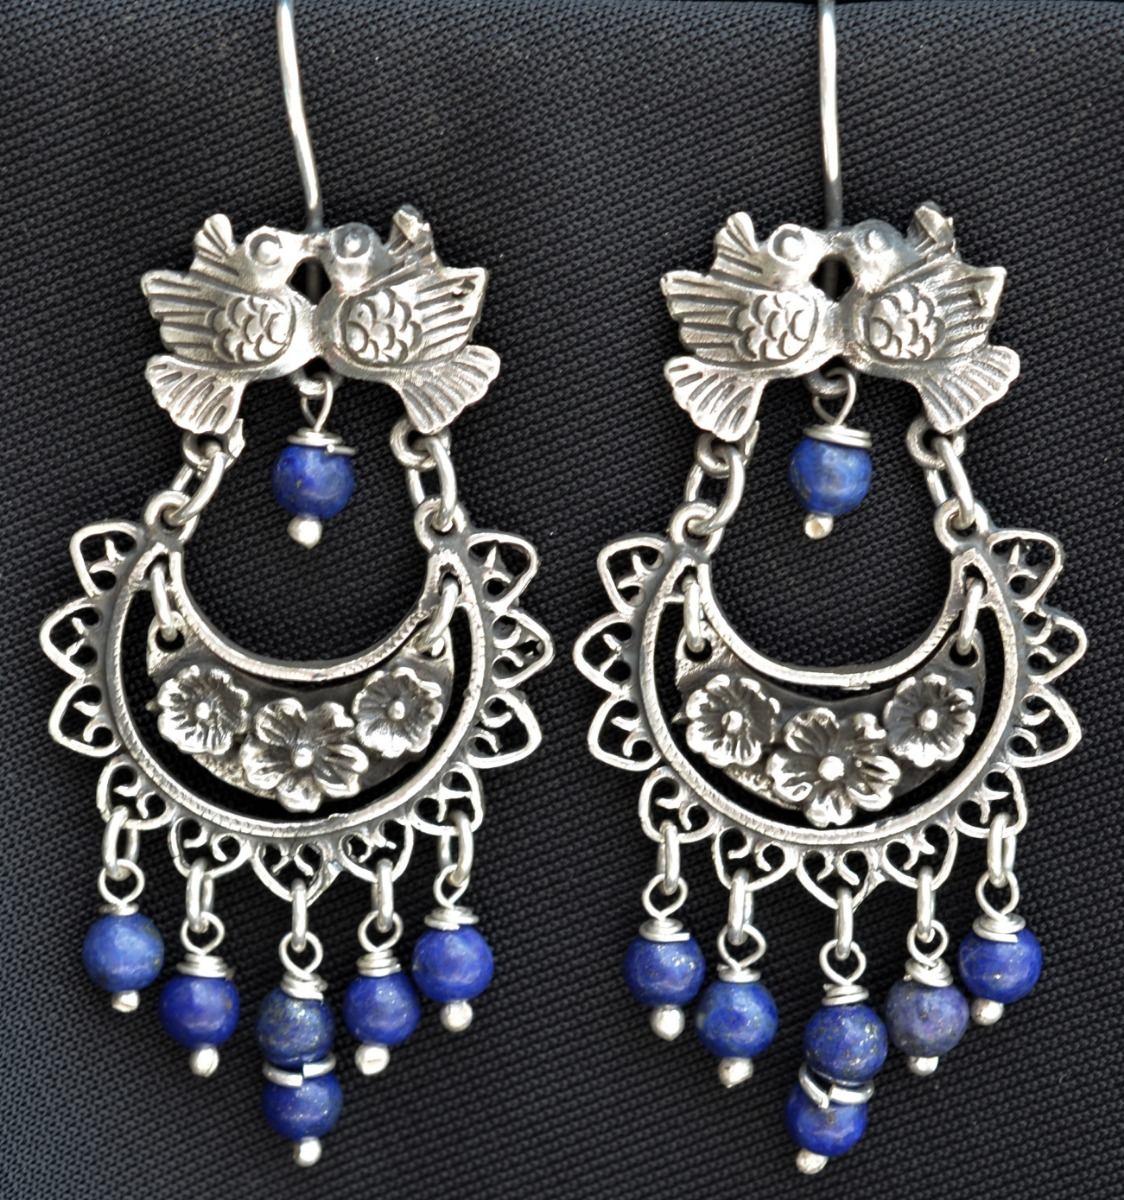 169357d27aa6 Aretes Vintage Frida Kahlo Plata 925 Taxco Joyeria Artesanal